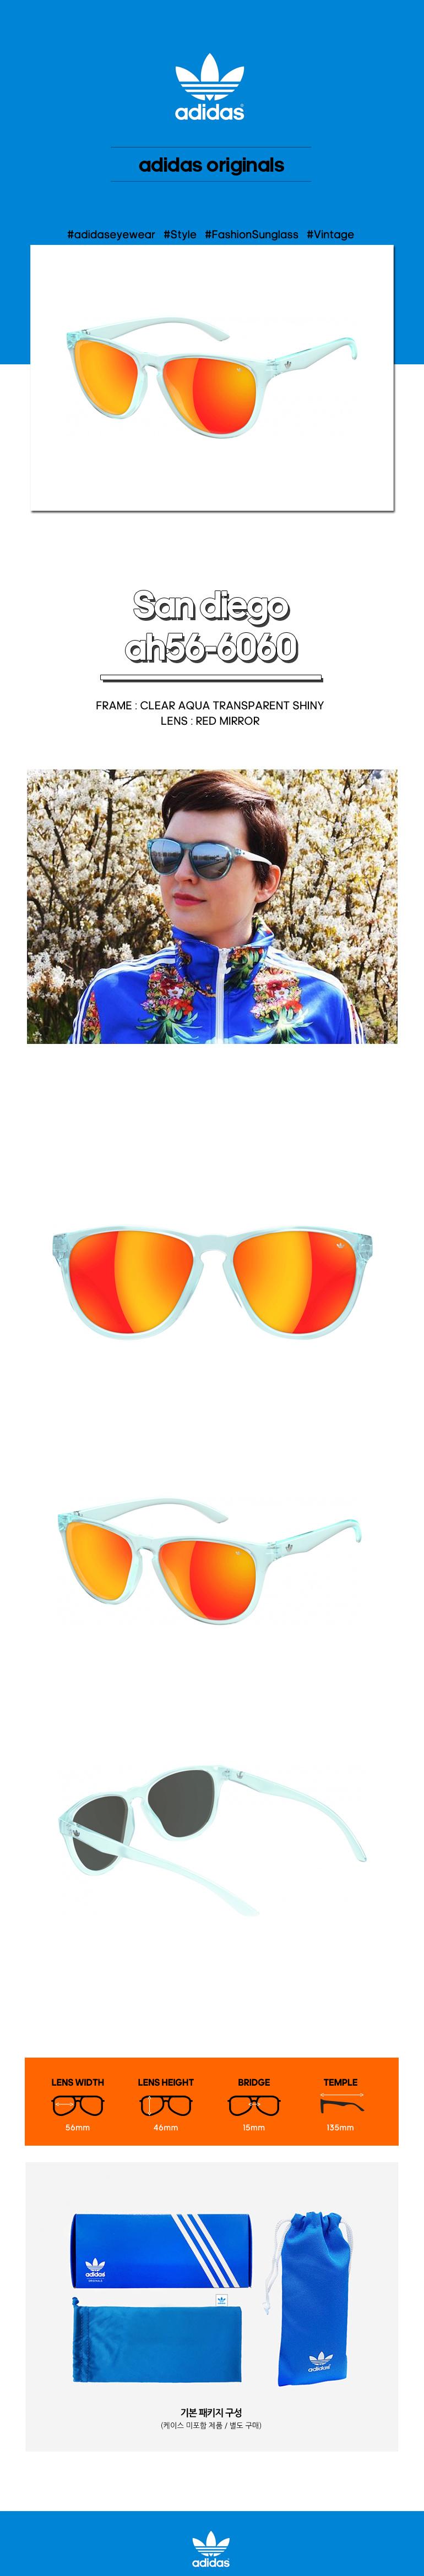 아디다스 아이웨어(ADIDAS EYEWEAR) [미러 렌즈] 샌디에고 선글라스 ah56-6060